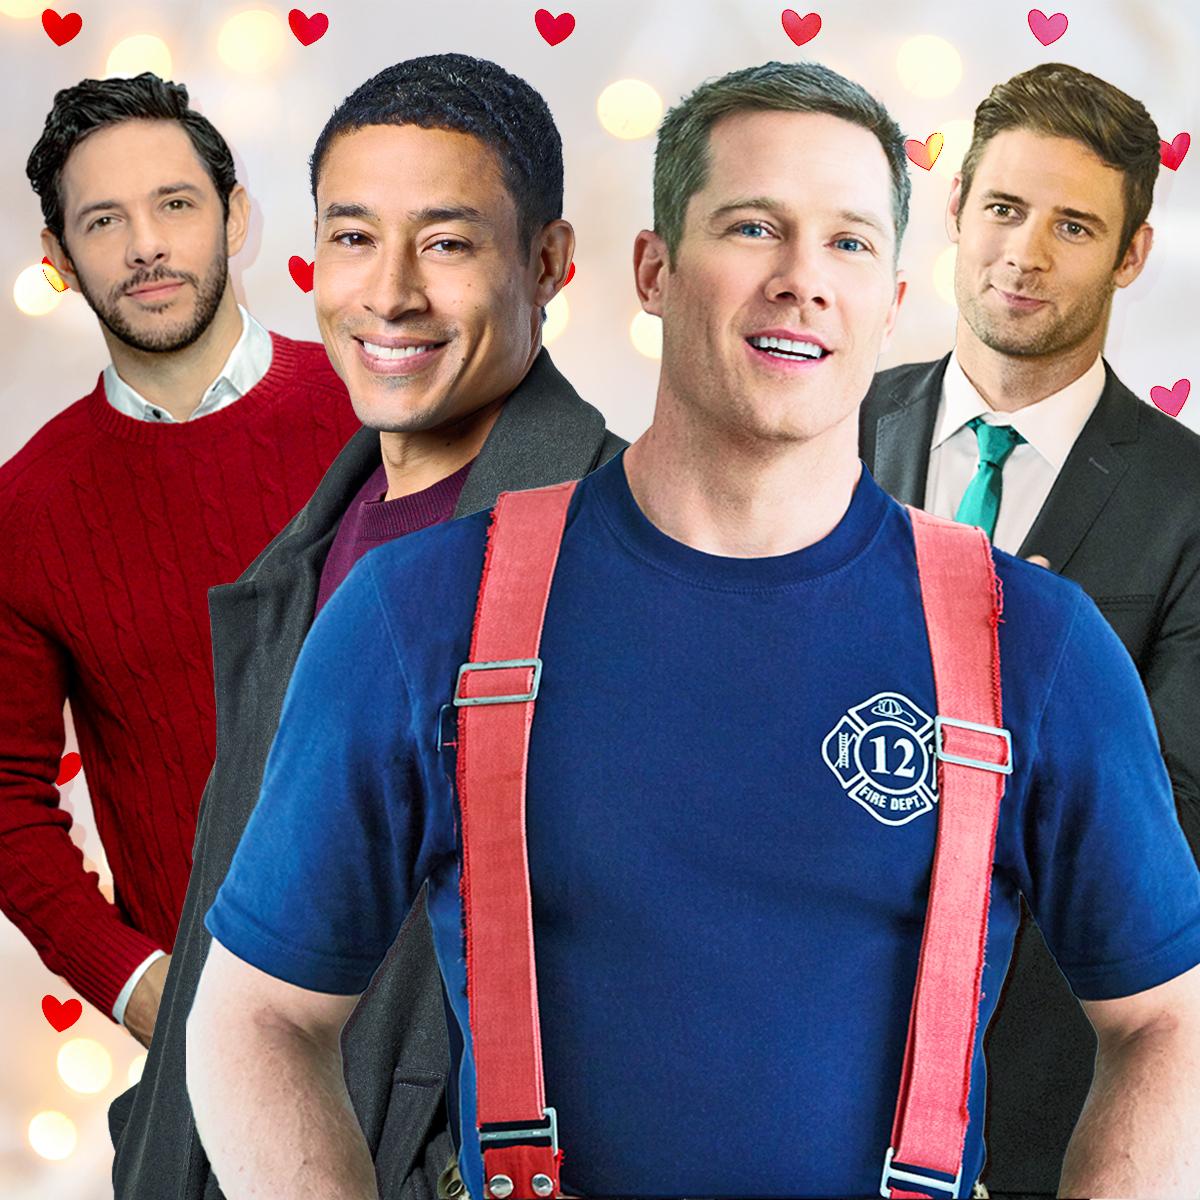 Breaking Down Hallmark's Roster of Christmas Movie Leading Men